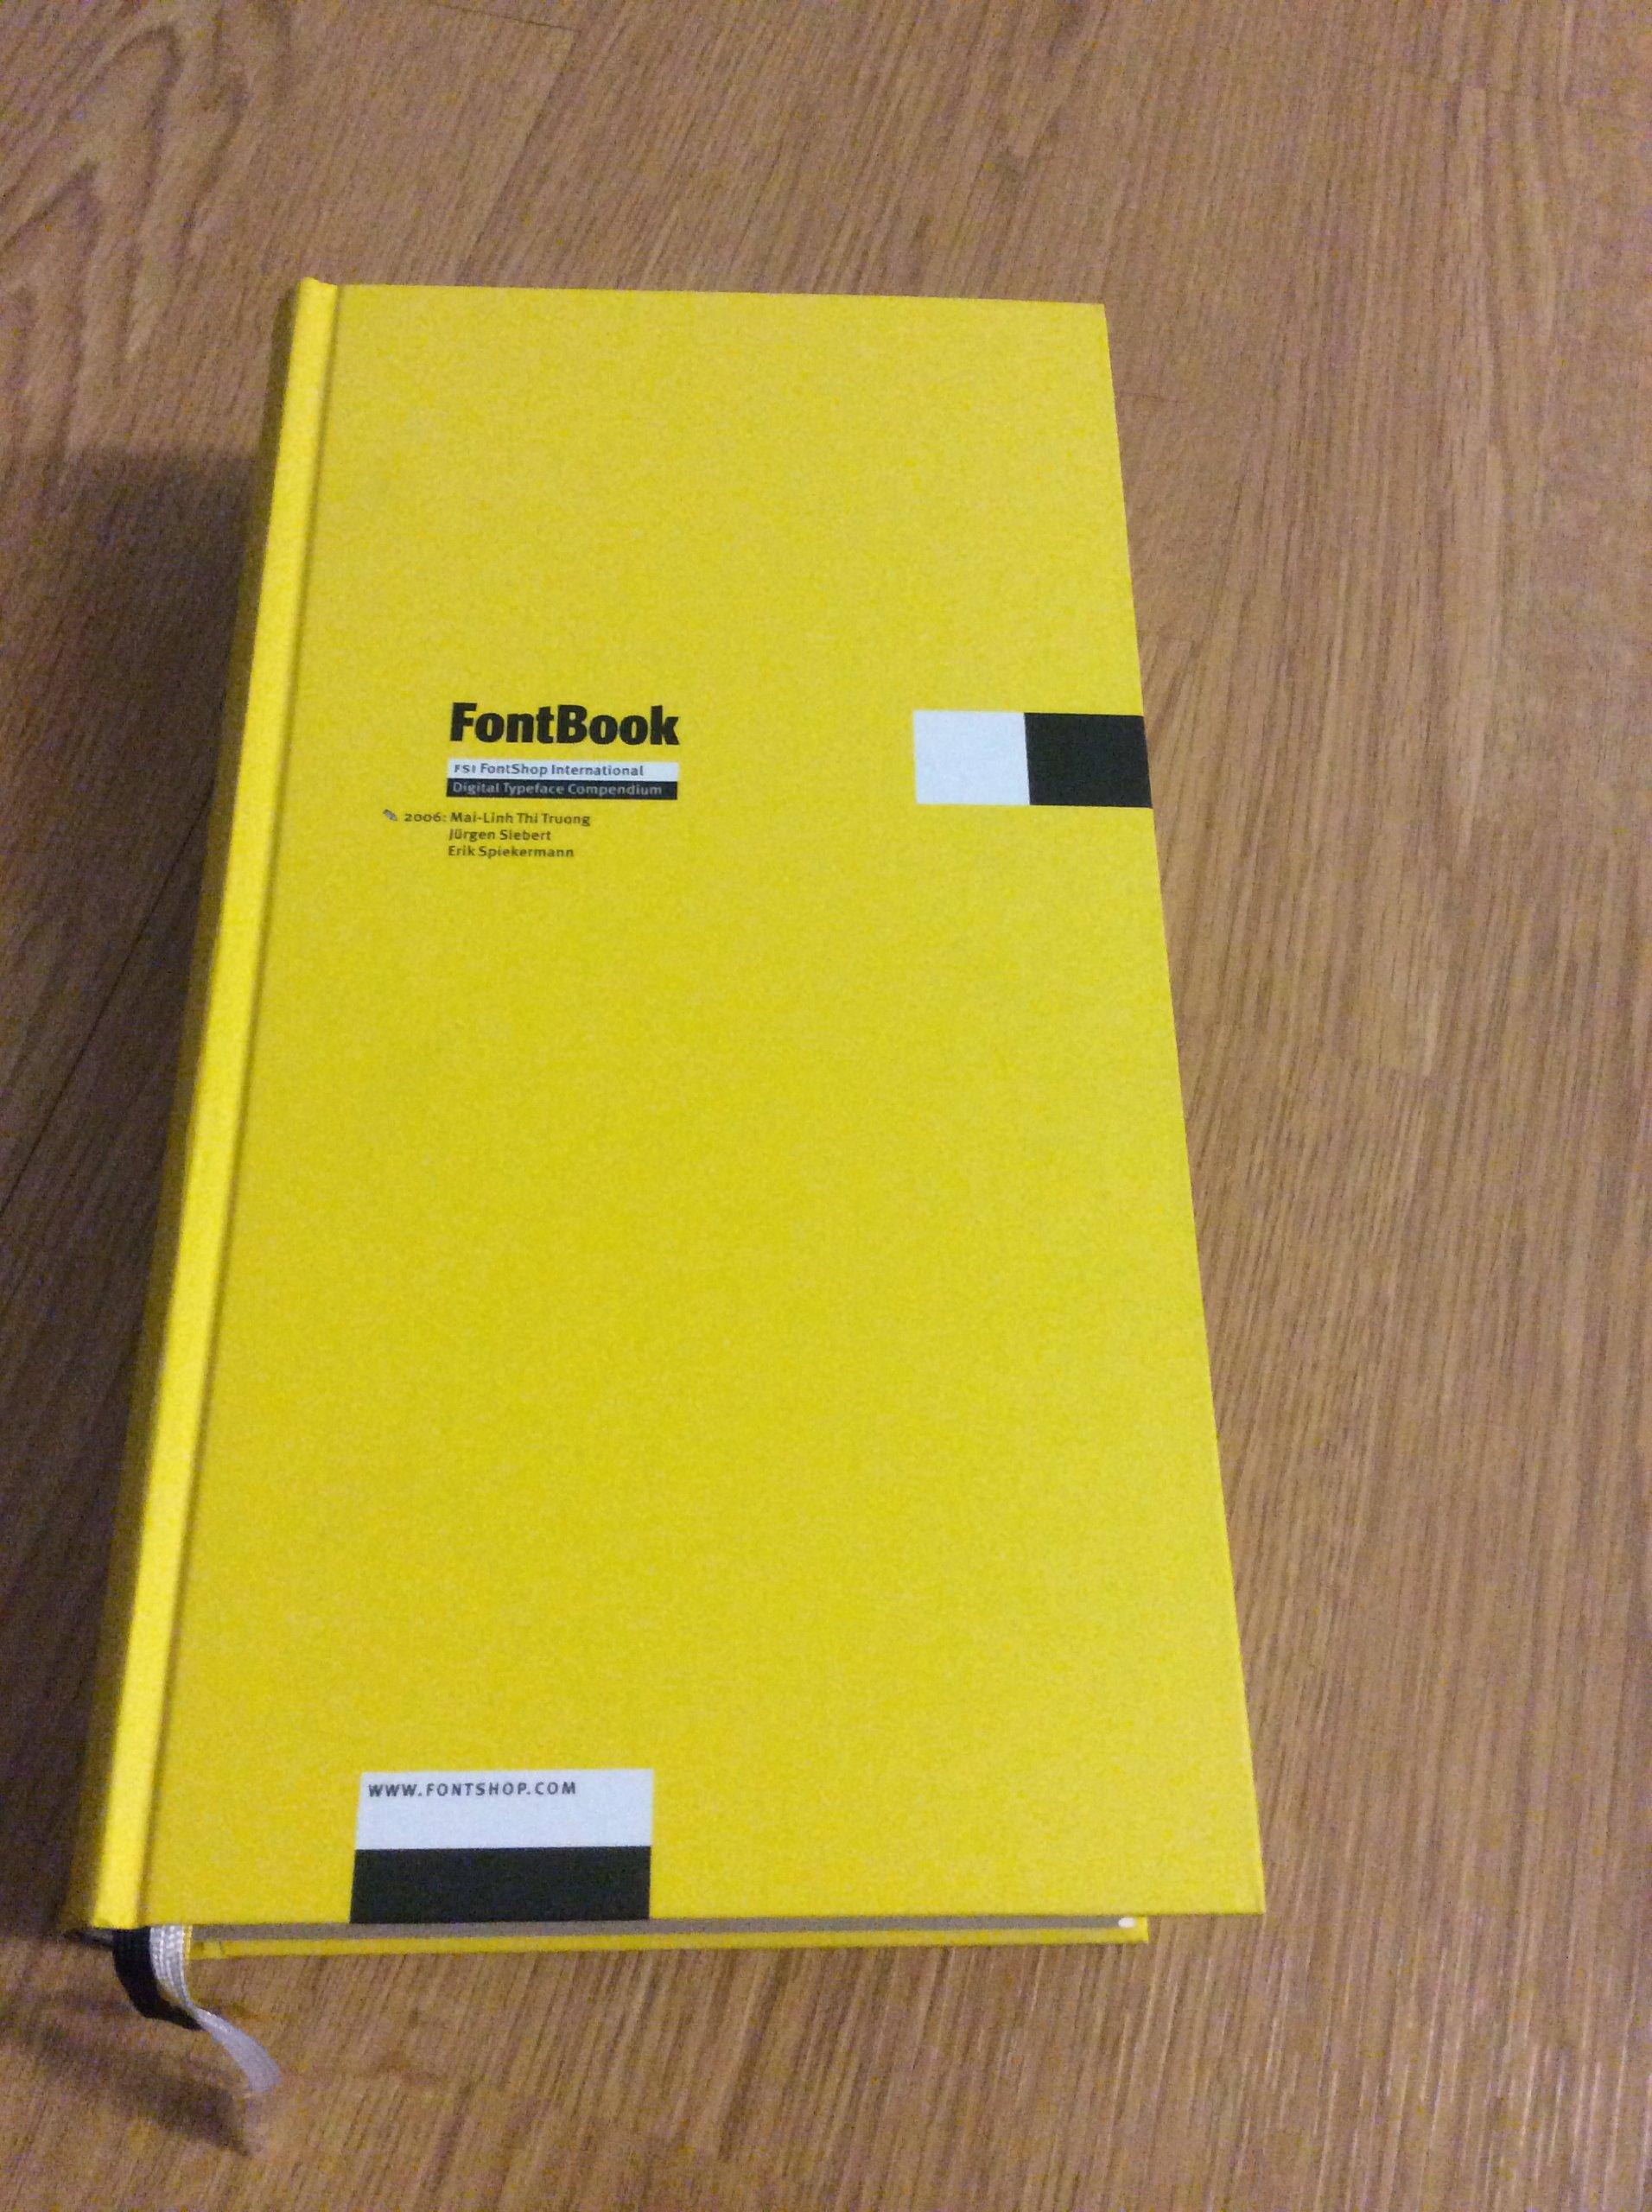 FontBook 4: Digital Typeface Compendium